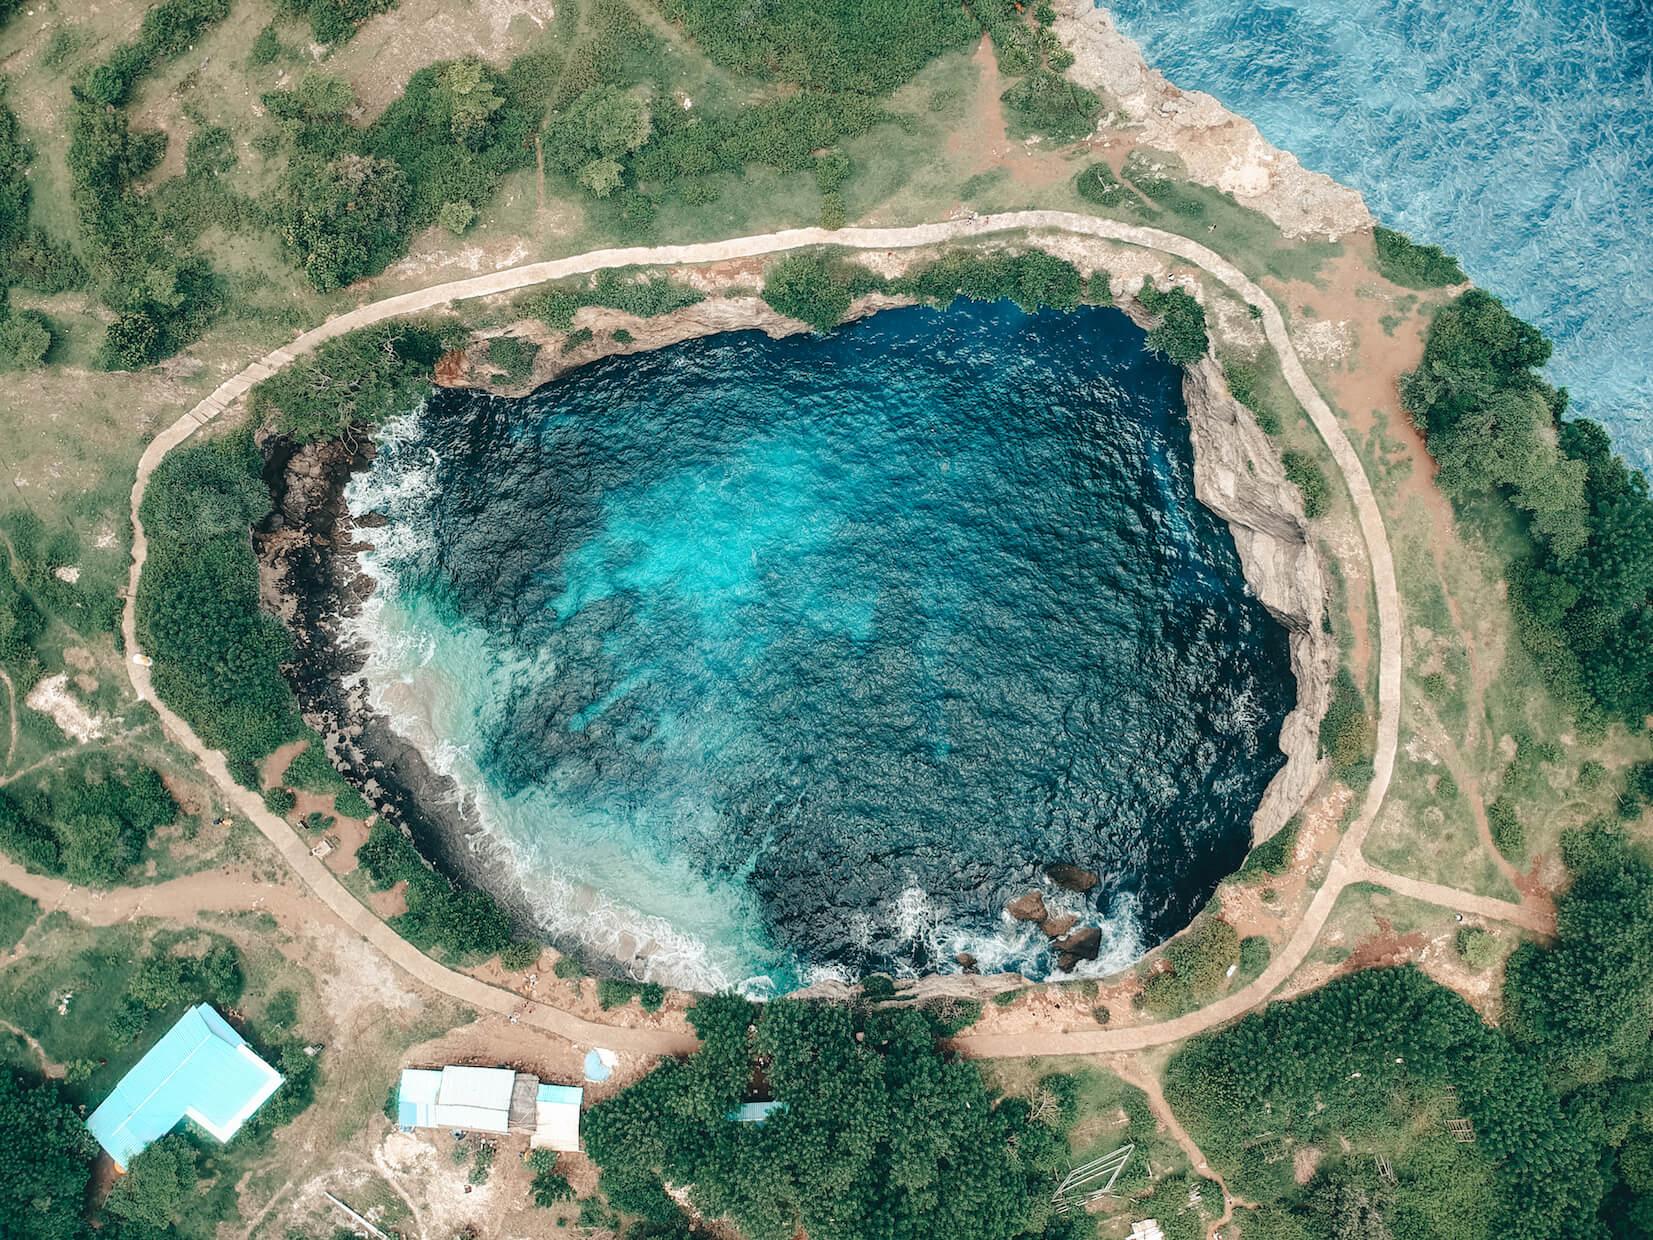 Aerial shot of Broken Beach on Nusa Penida